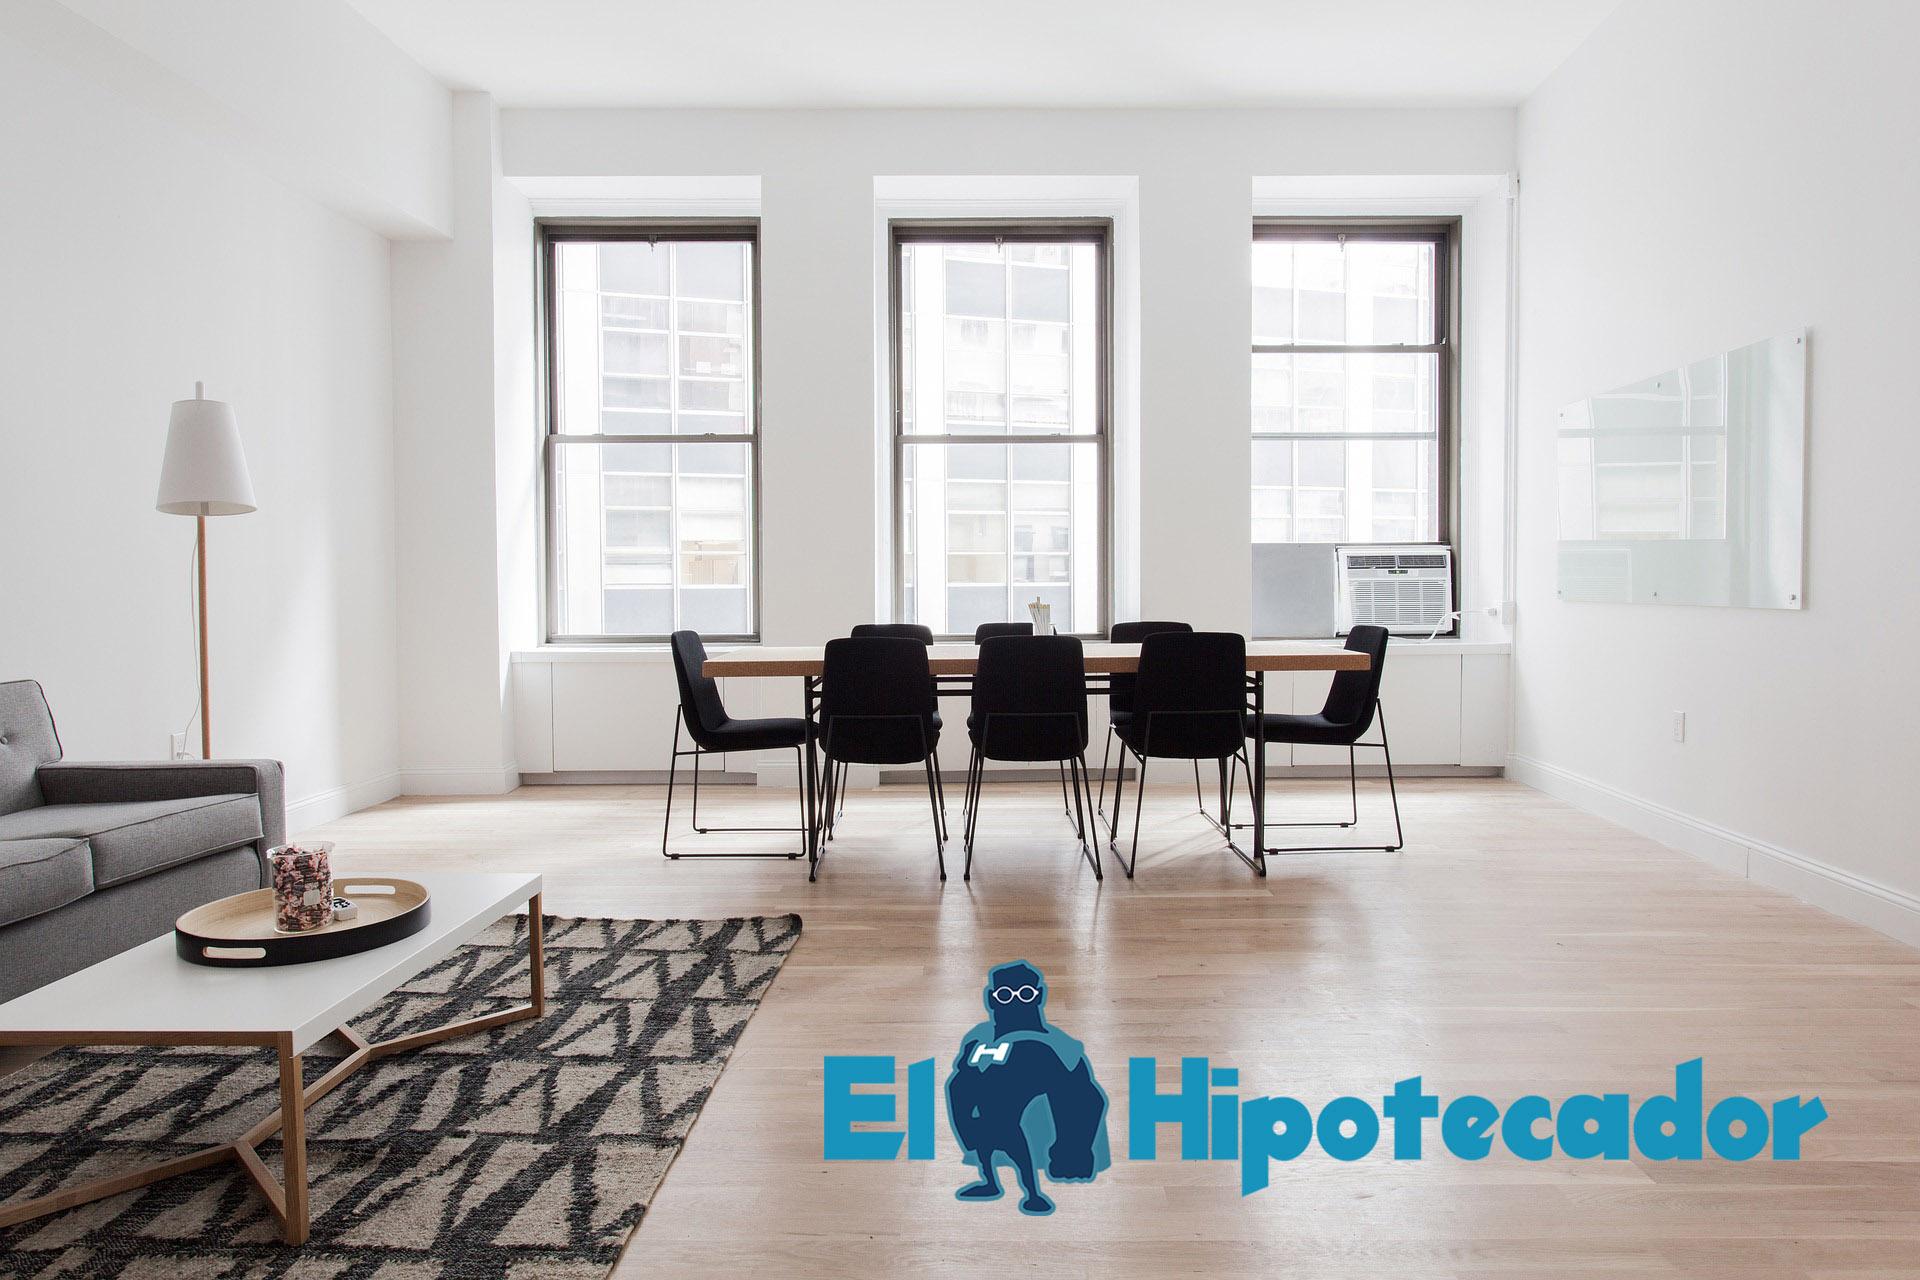 hipotecador_viviendanueva